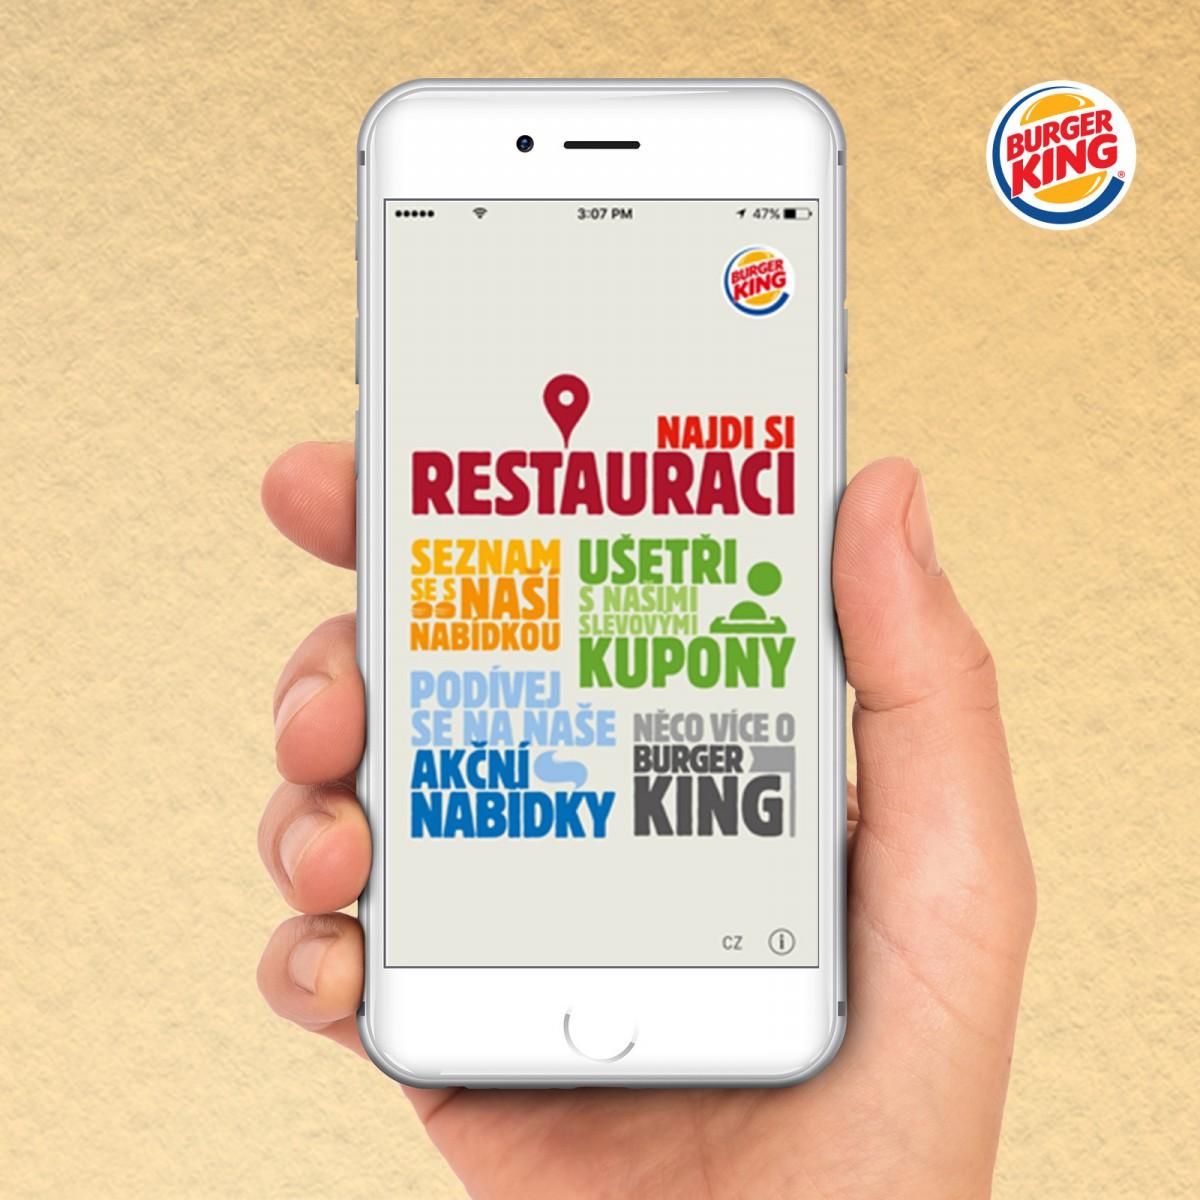 Burger King spouští novou aplikaci. Bude tak lepší konkurencí pro McDonald´s a KFC?